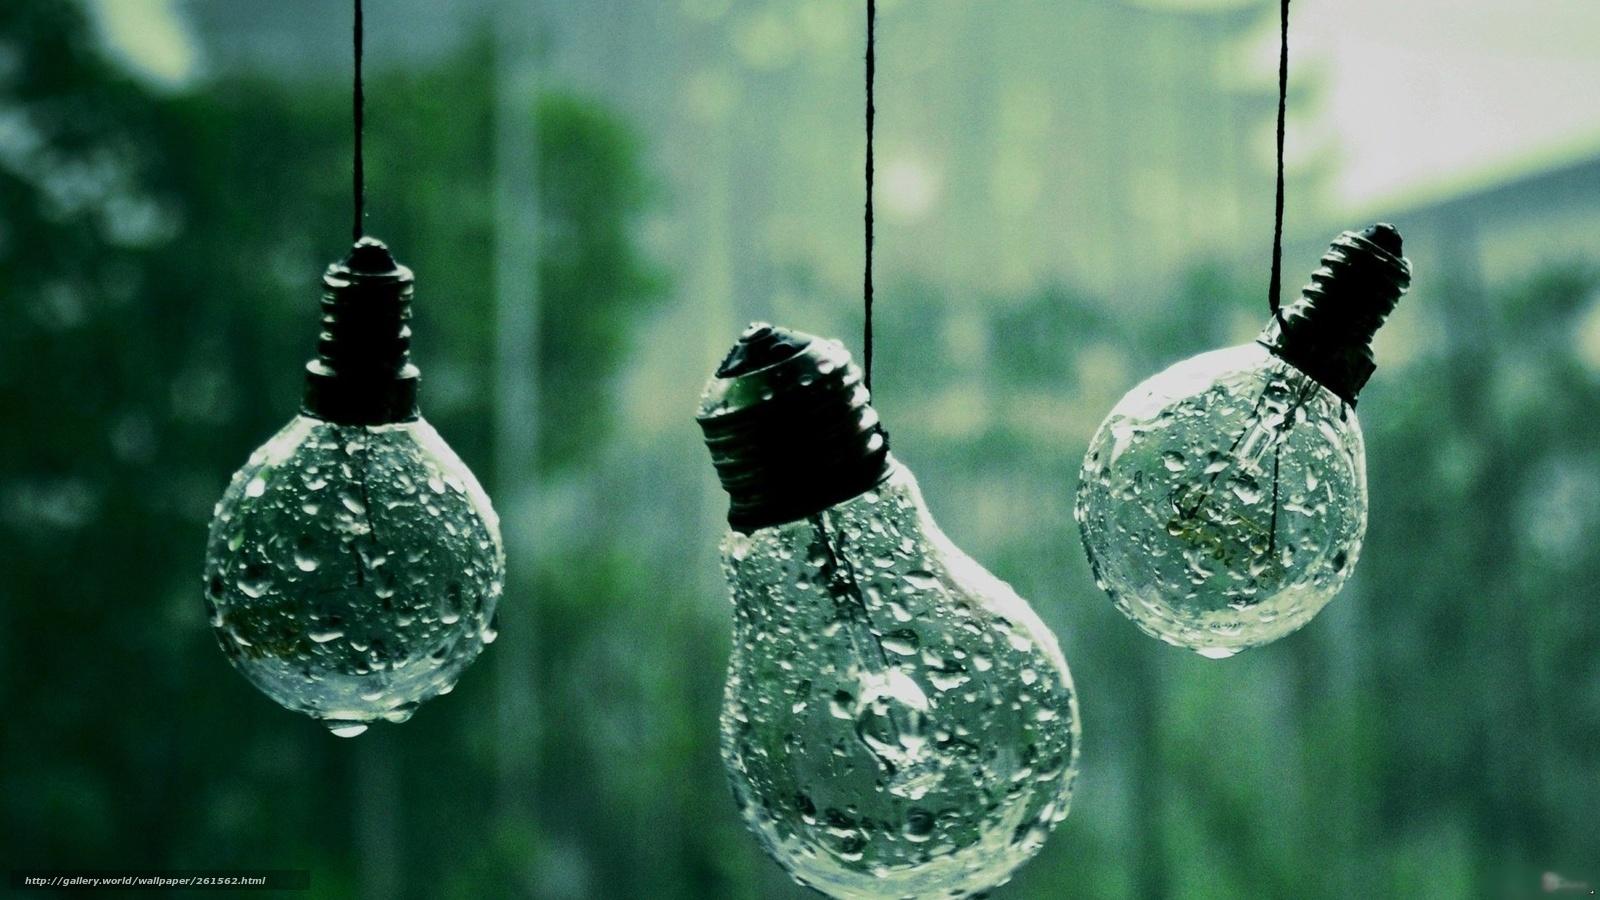 Скачать обои лампочка капли висит